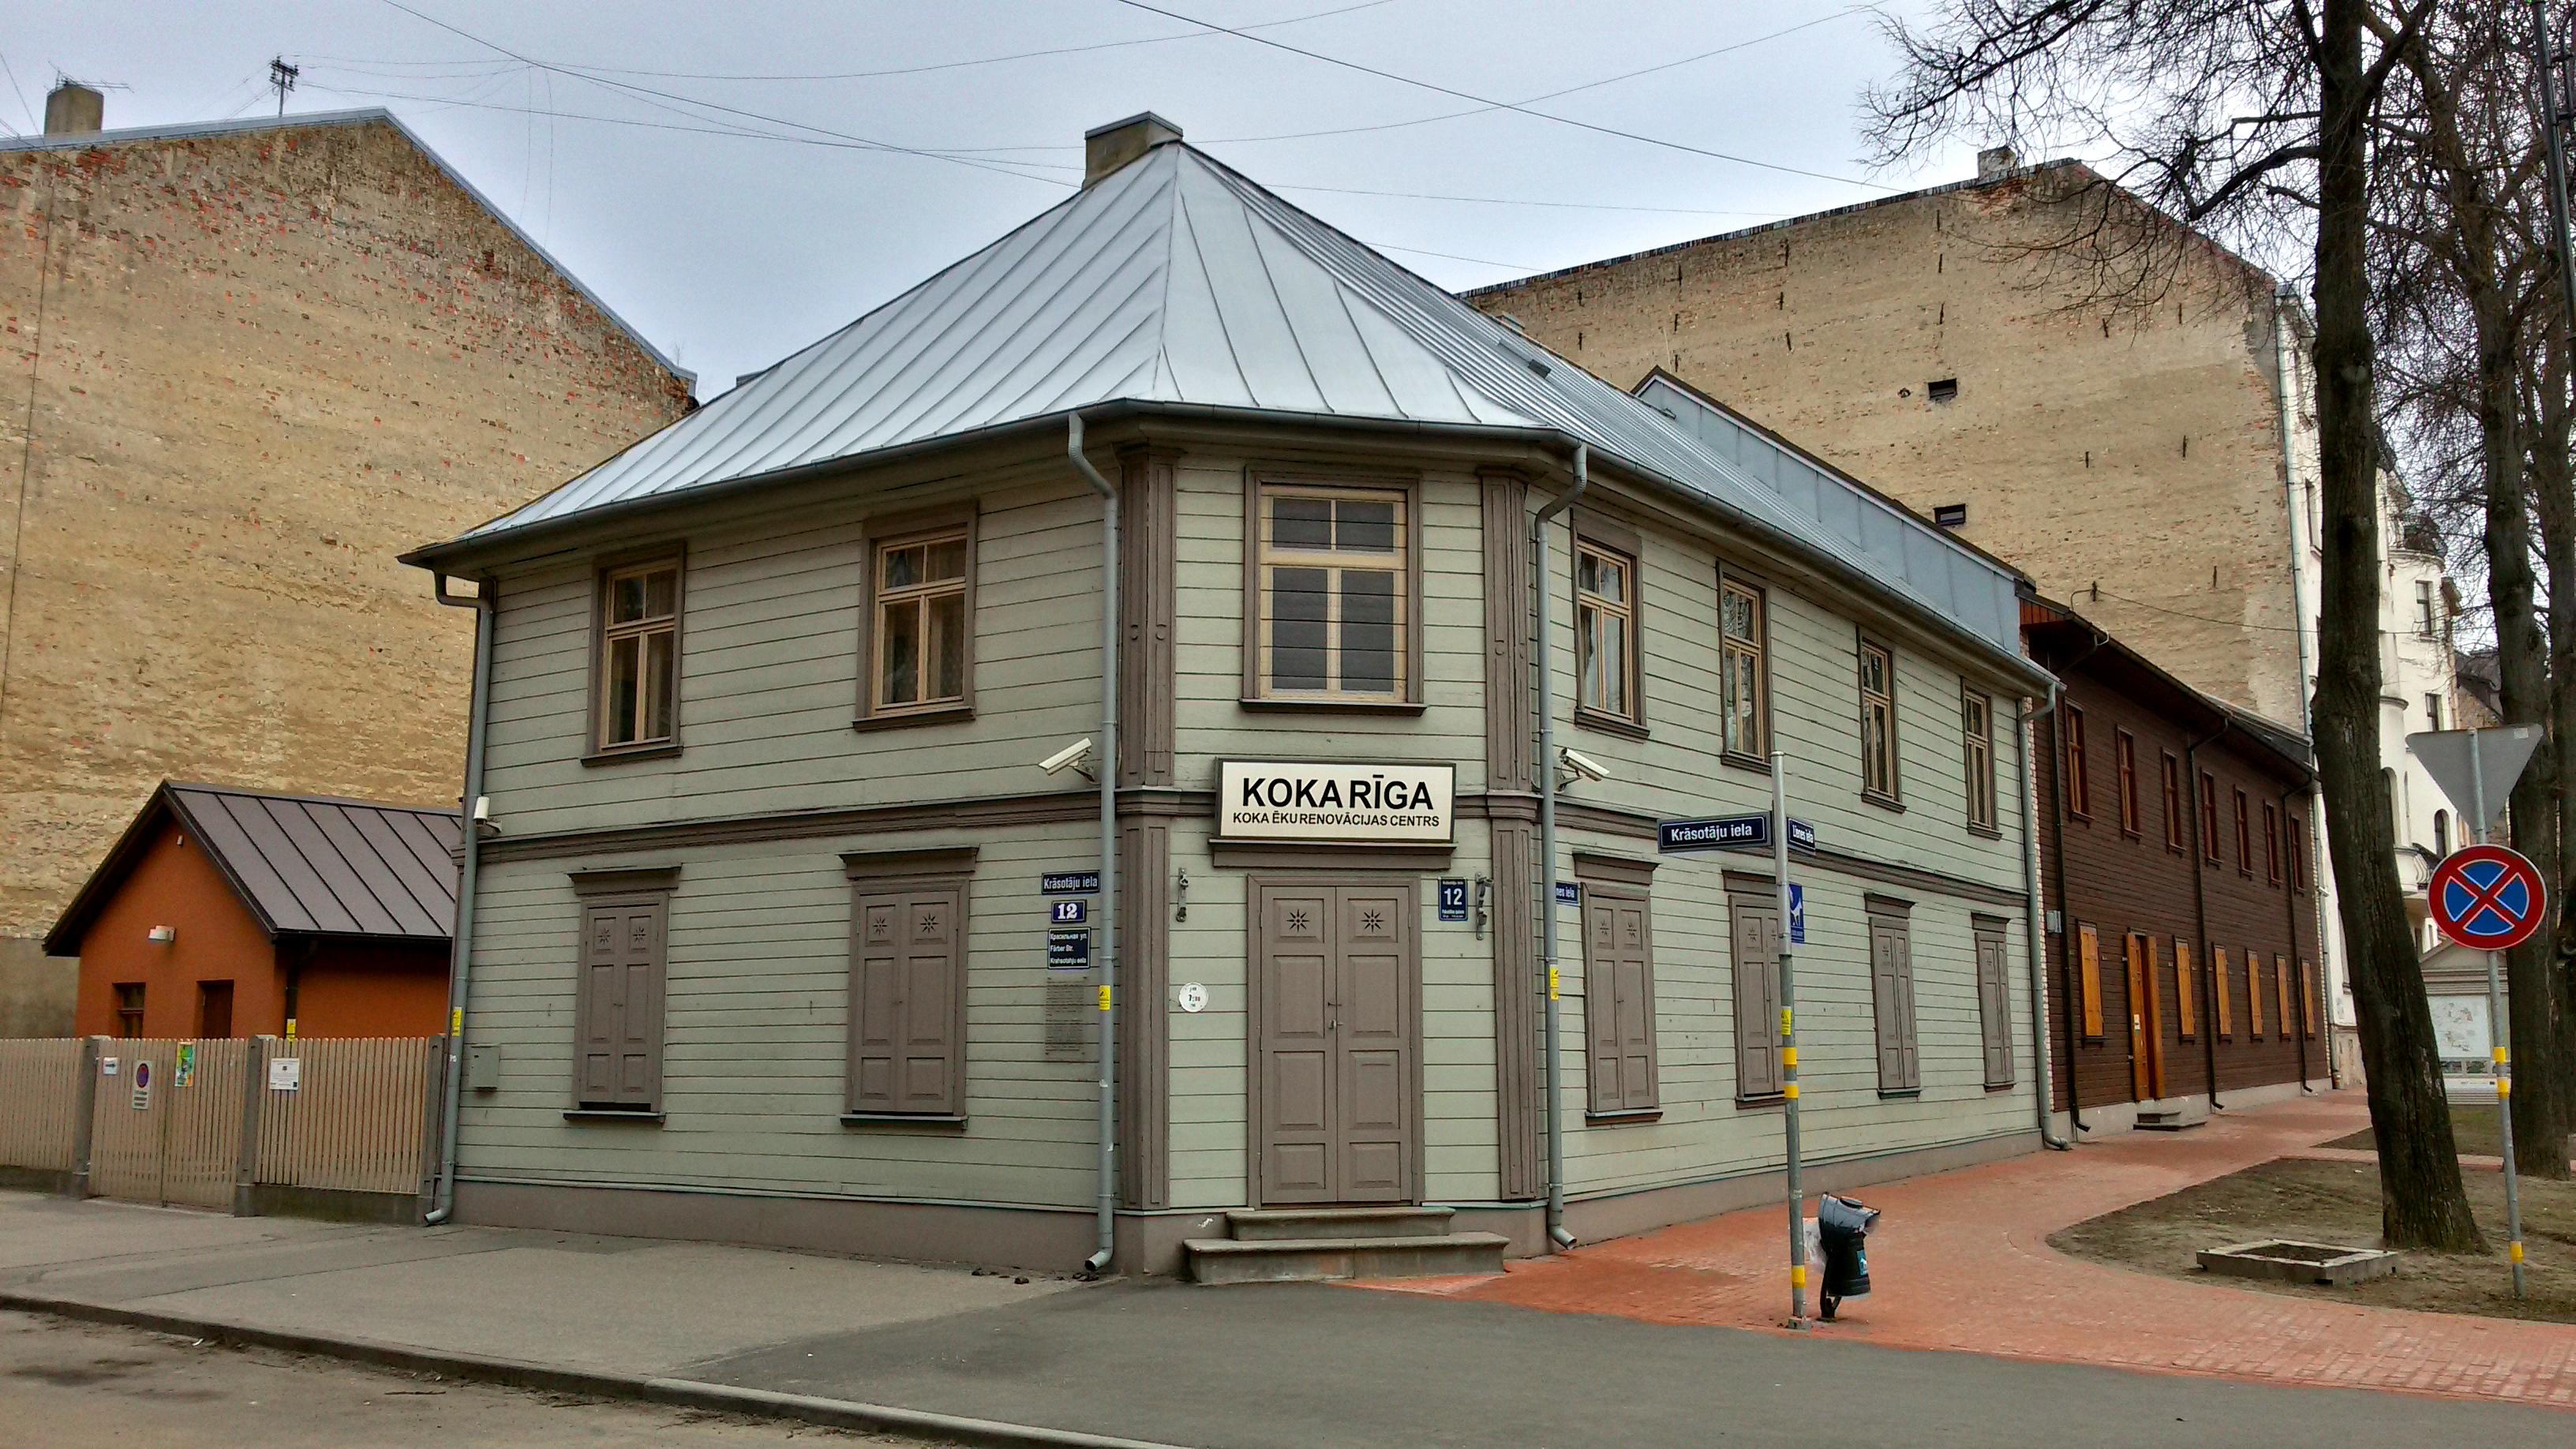 """Здание центра """"Деревянная Рига"""" по адресу Красотаю 12, 1876, архитектор Г. Гейгенмиллер."""